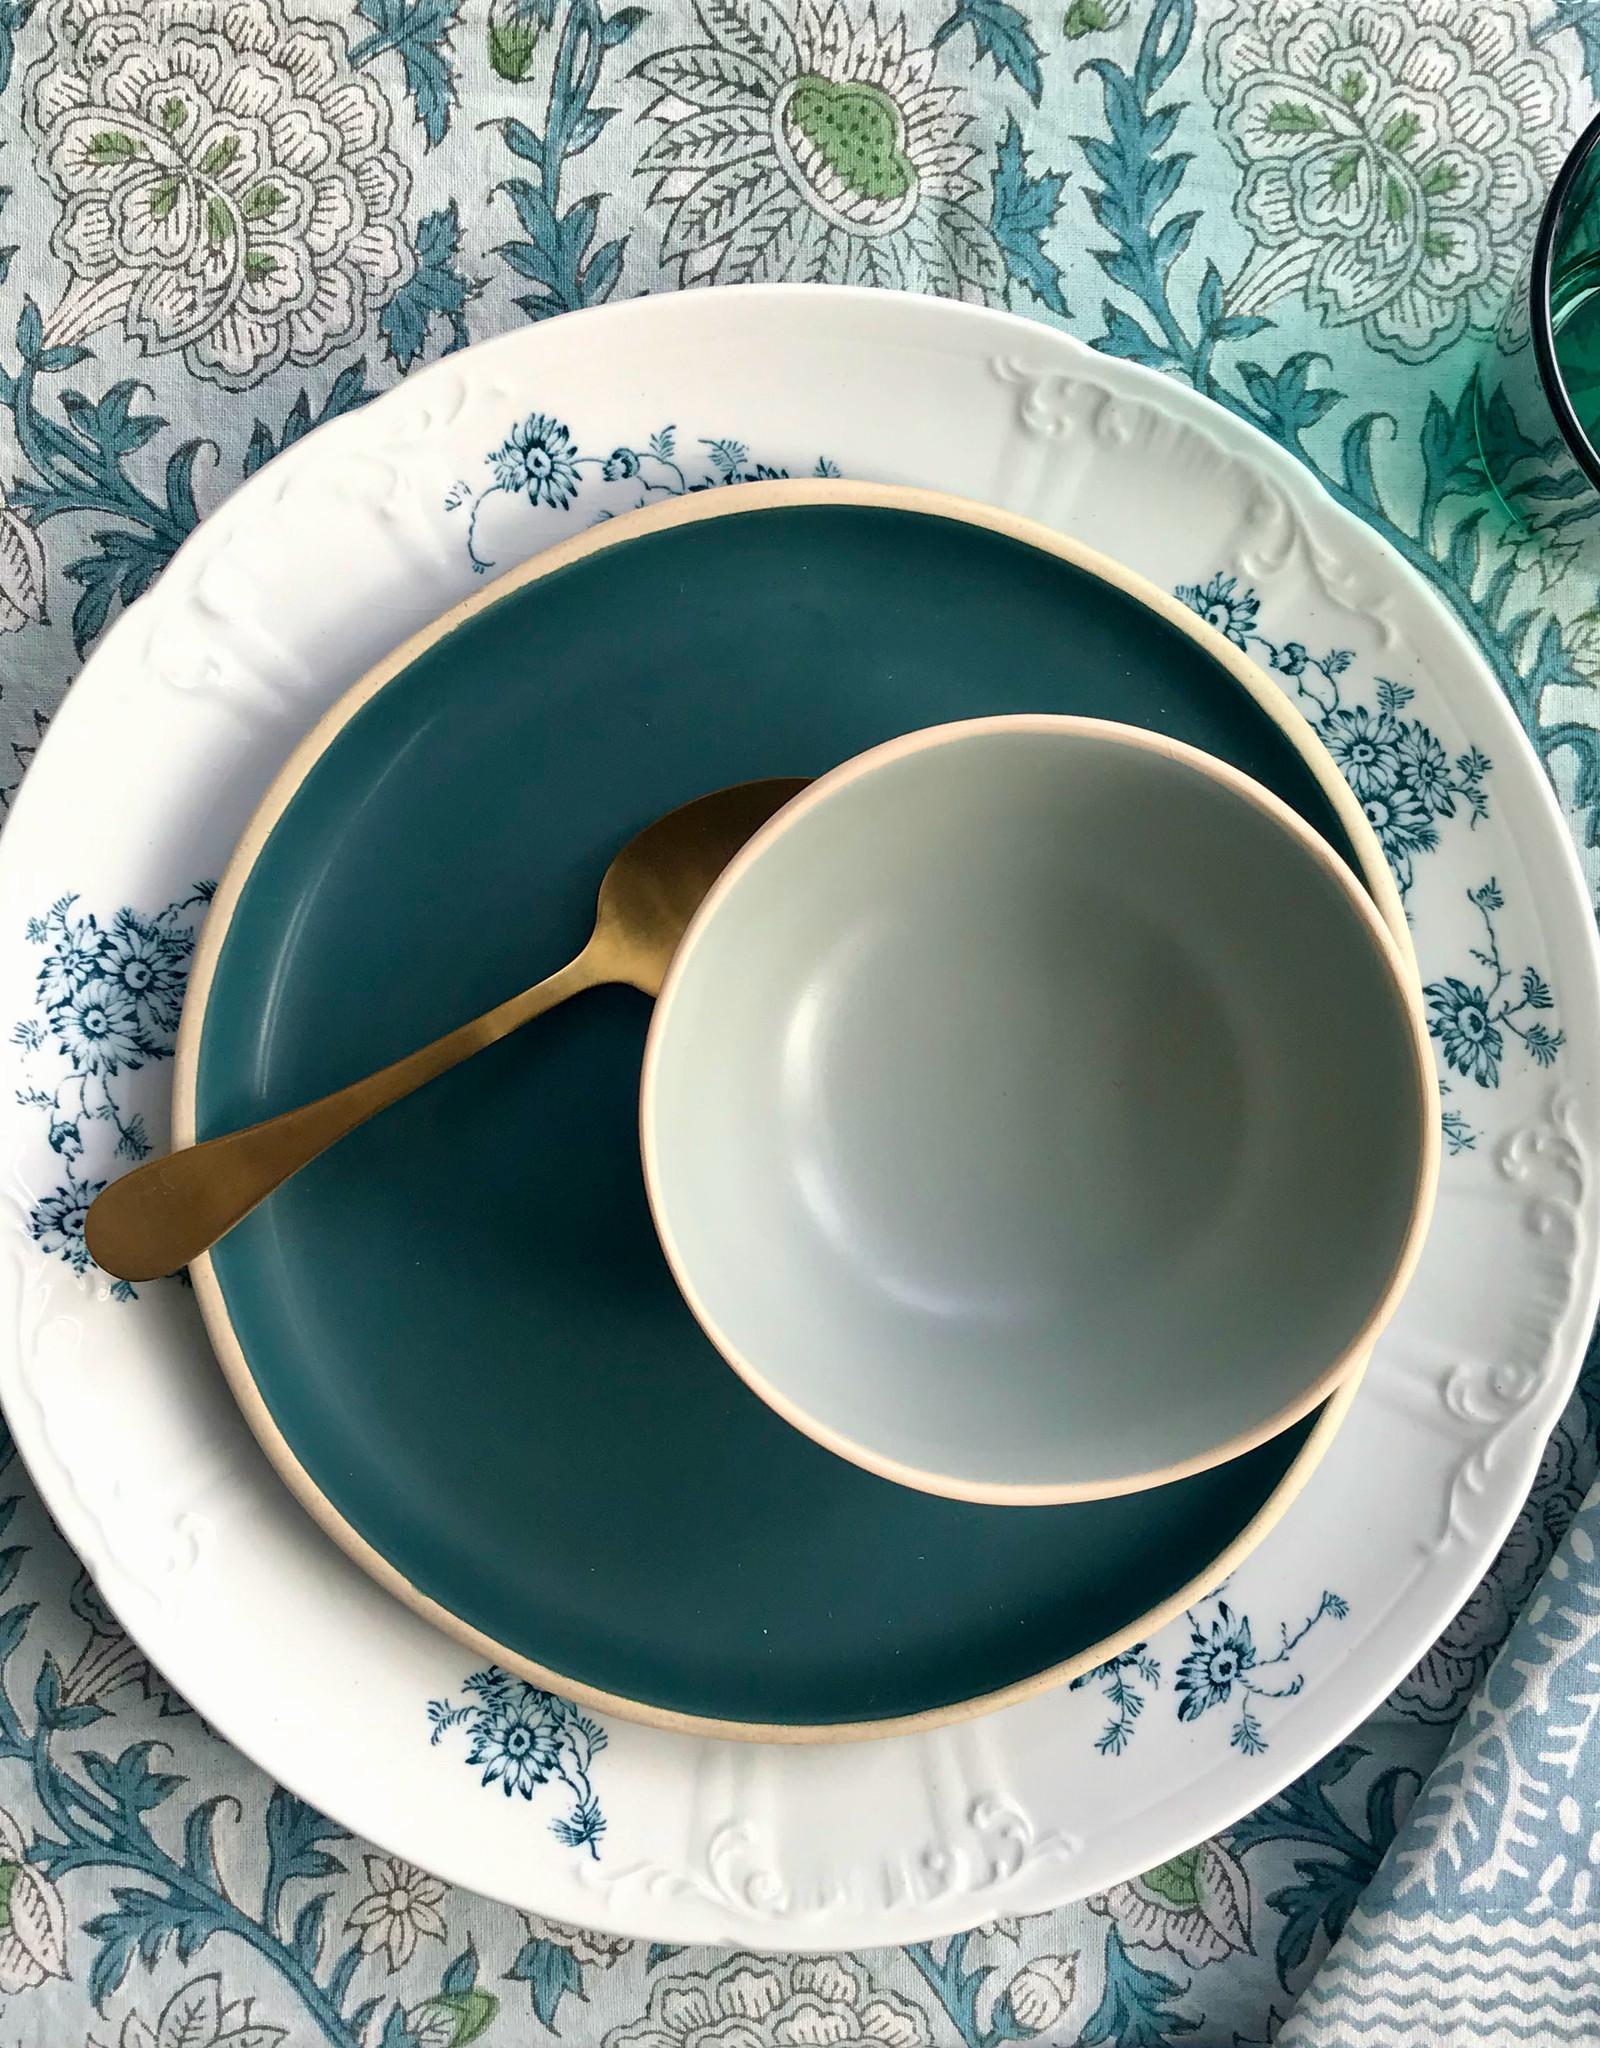 Rozablue Tafellaken Sunny day blue